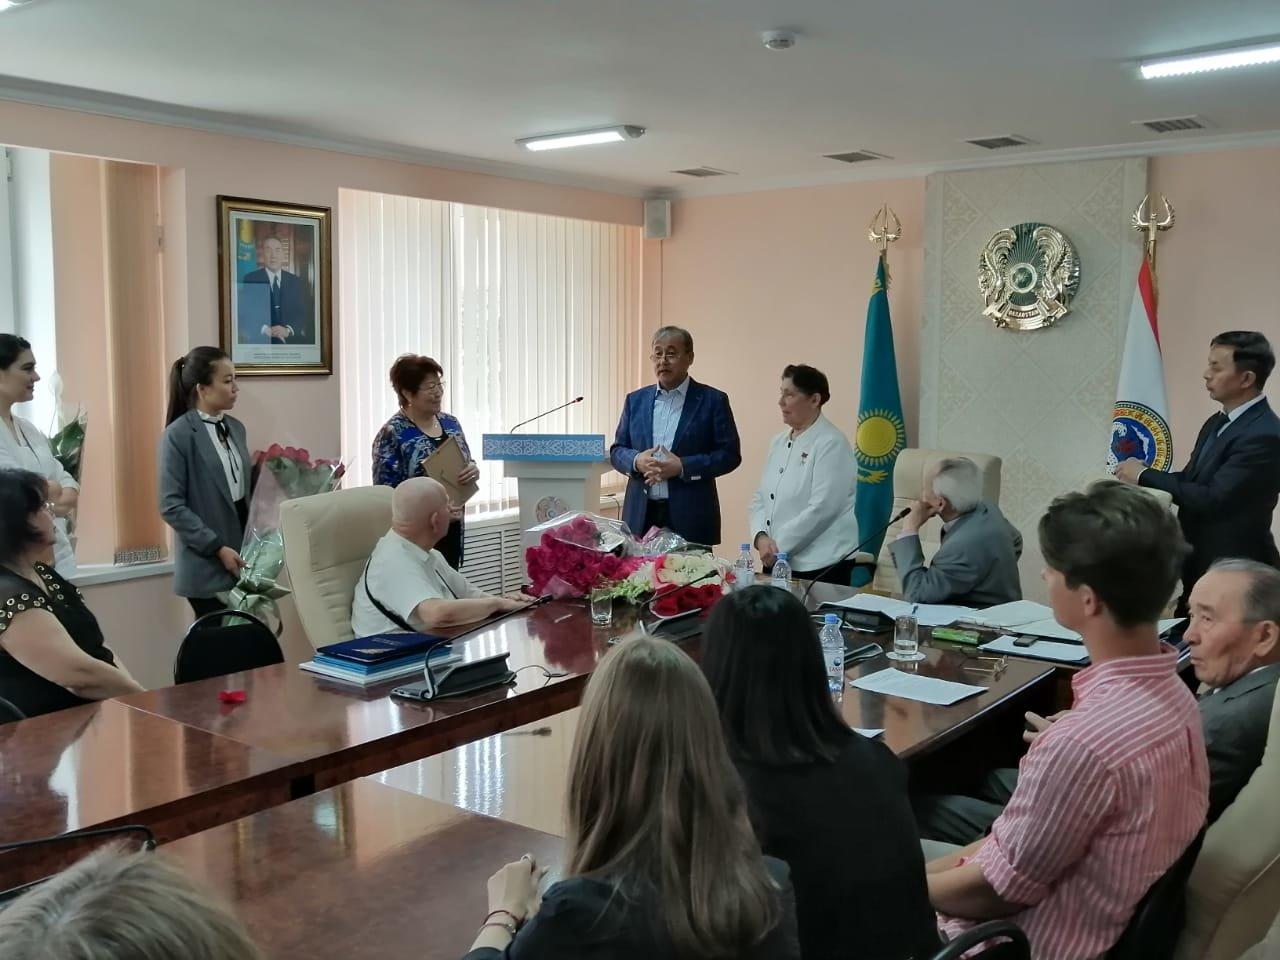 В Алматы отметили 85-летие героя труда и выдающейся женщины планеты, фото-2